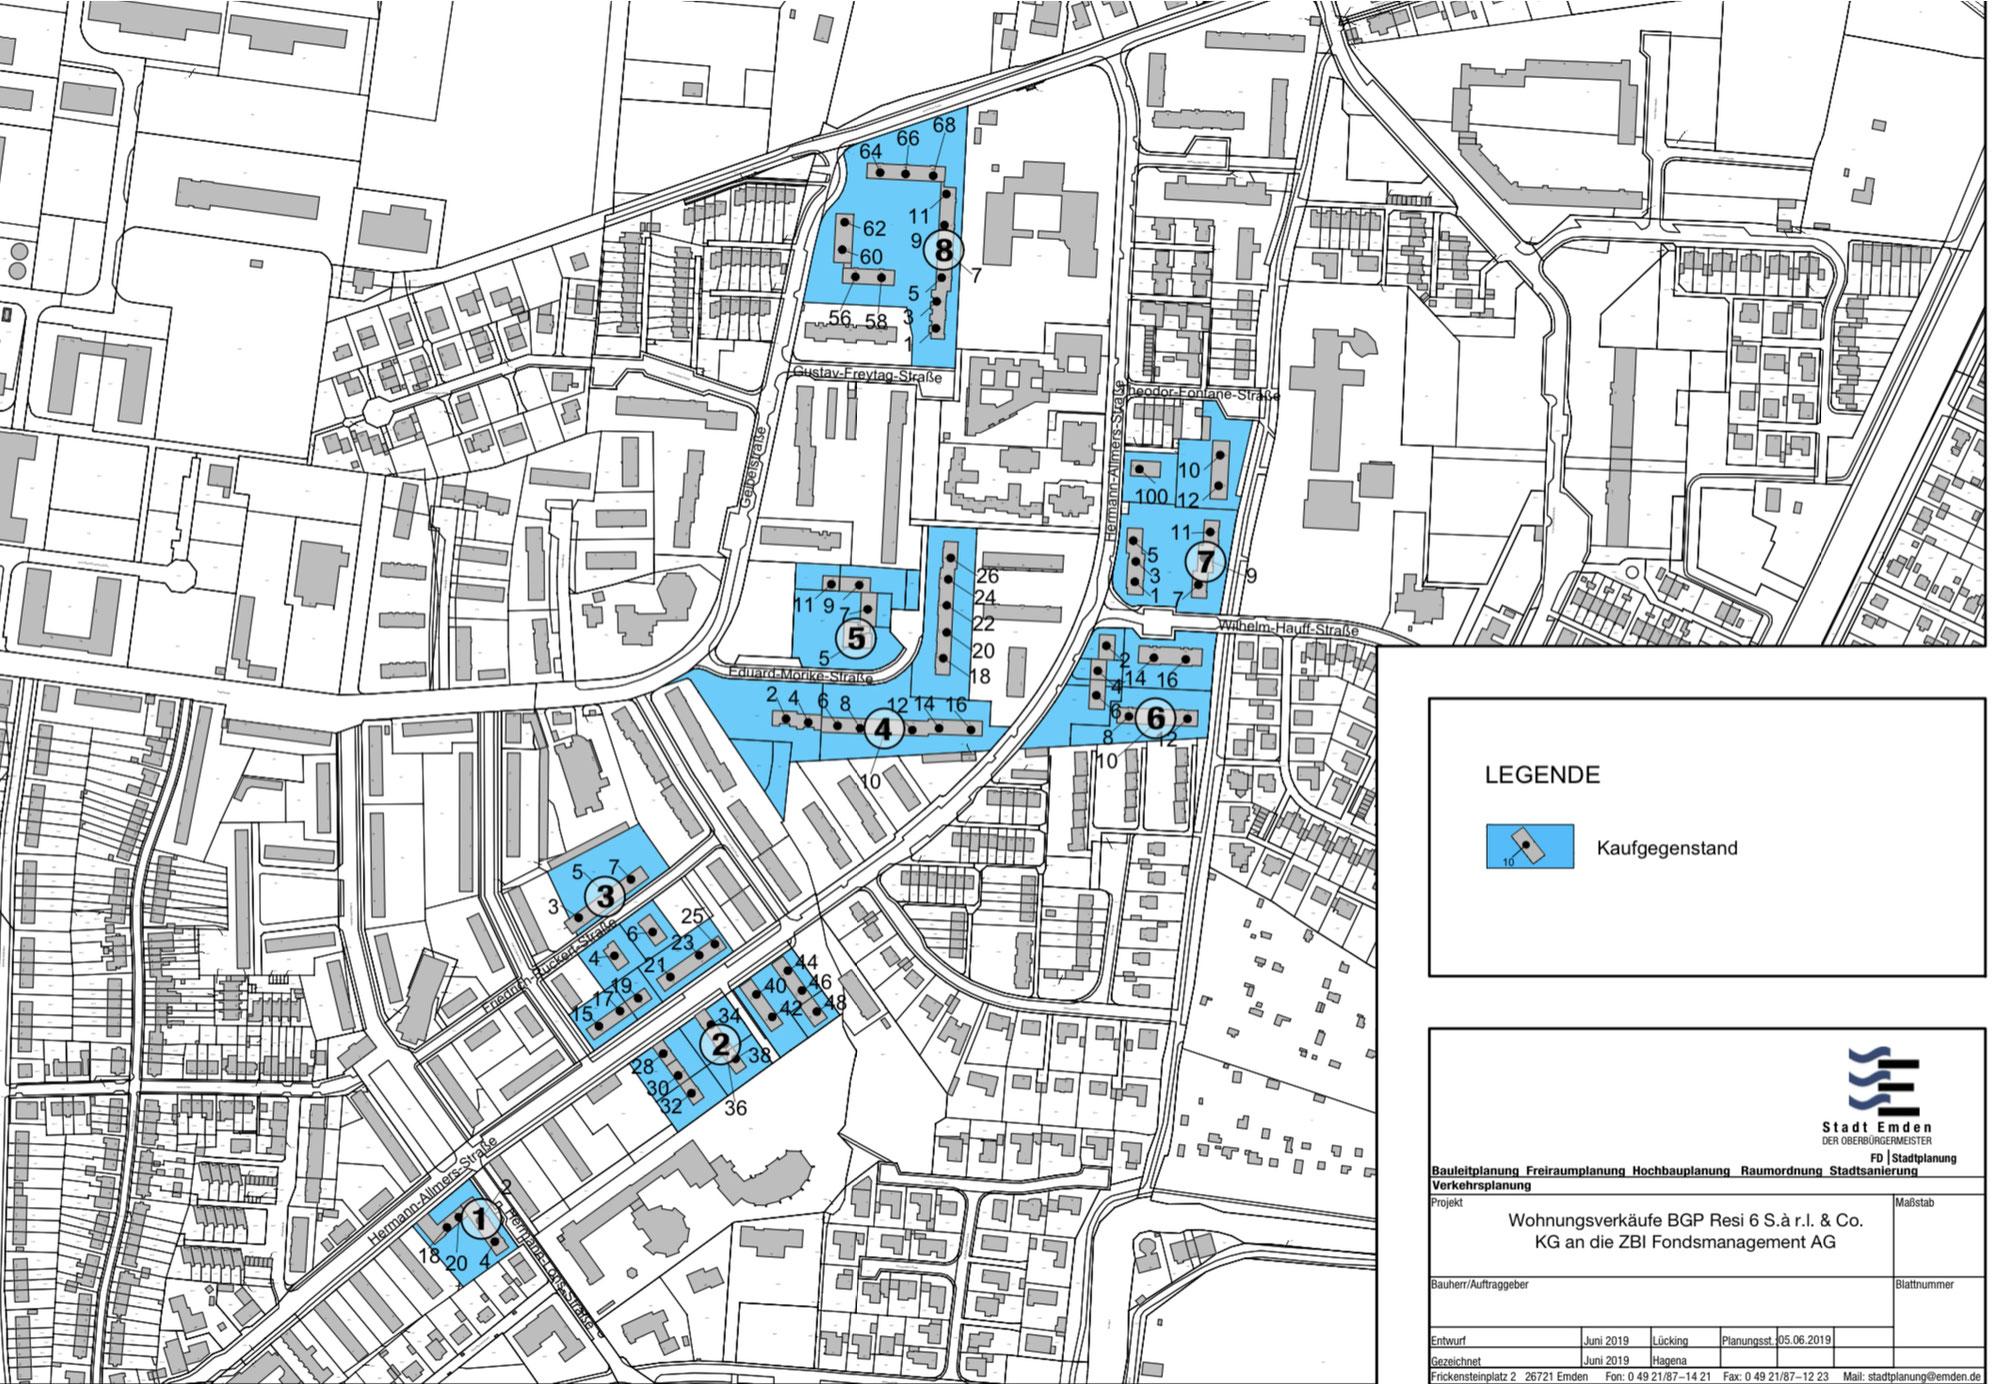 486 Wohnungen in Barenburg wechseln den Eigentümer